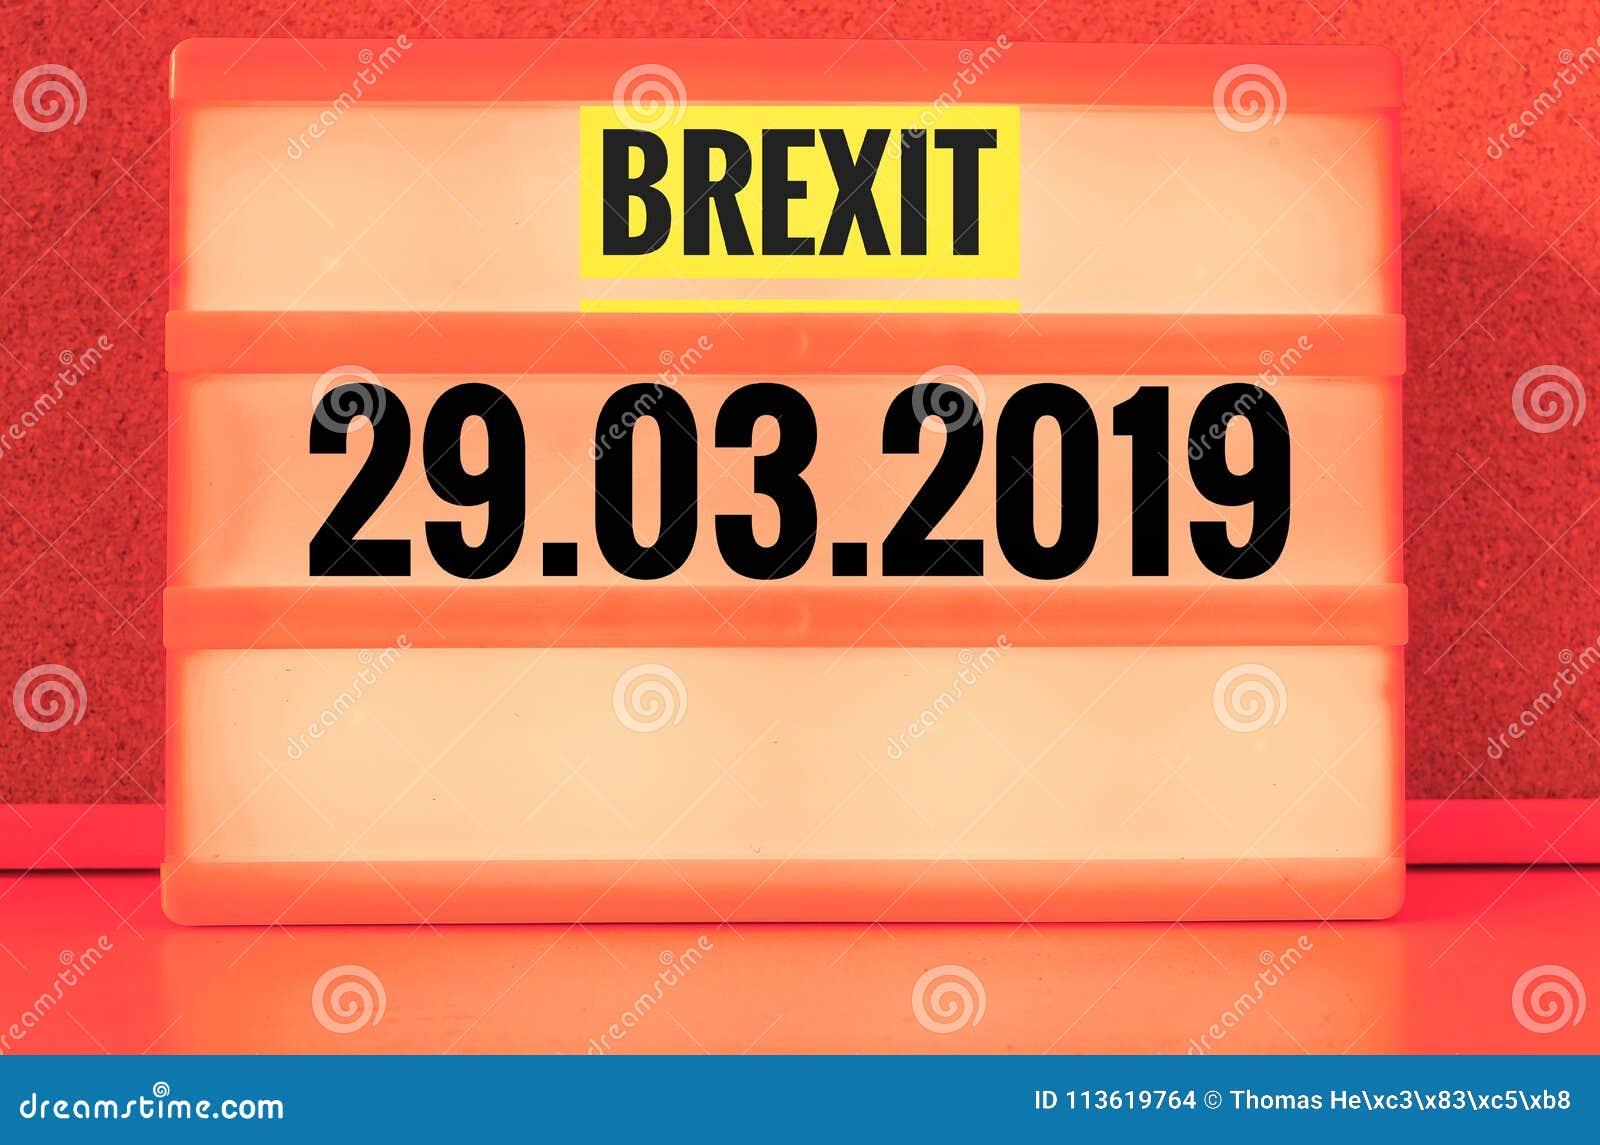 Świecący znak z inskrypcją w anglikach Brexit i 03/29/2019 w niemiec 29, 03 2019, symbolizujący wycofanie Wielki Brytania